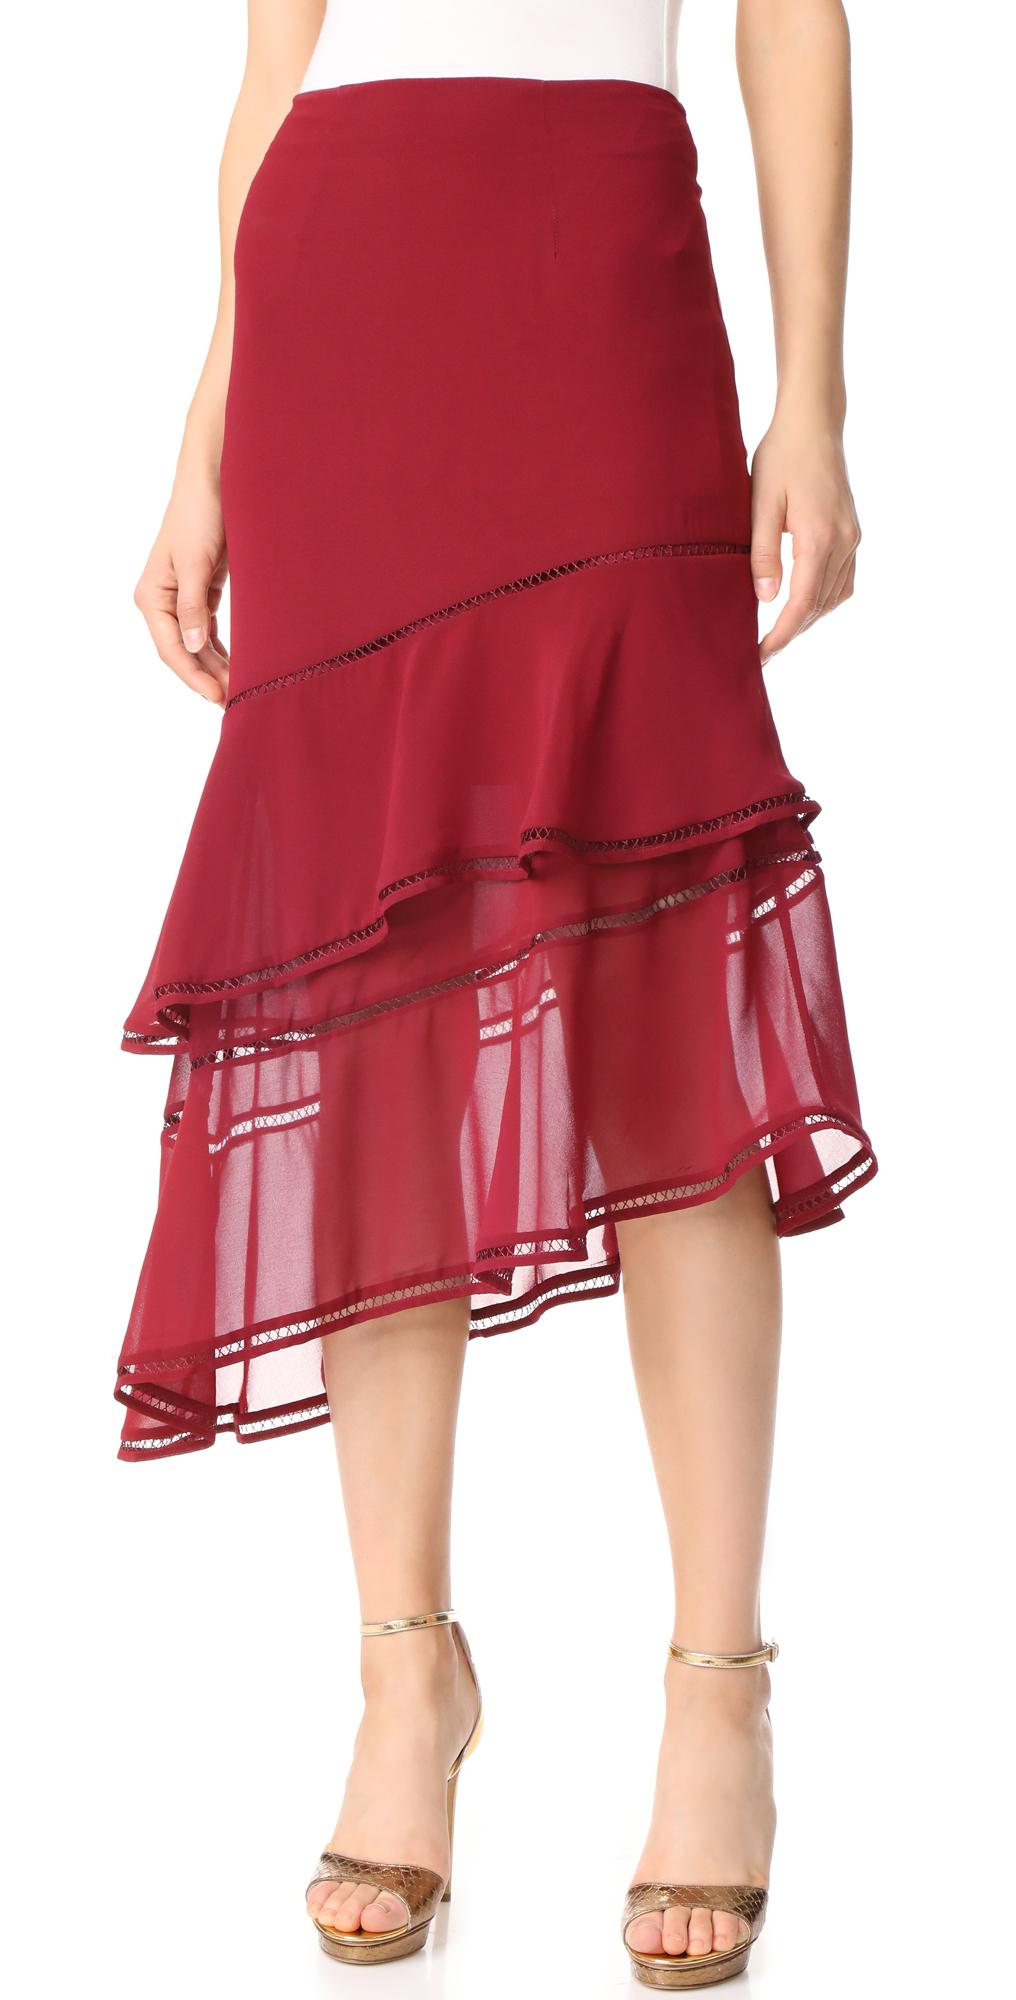 Lovers Holiday Skirt Keepsake